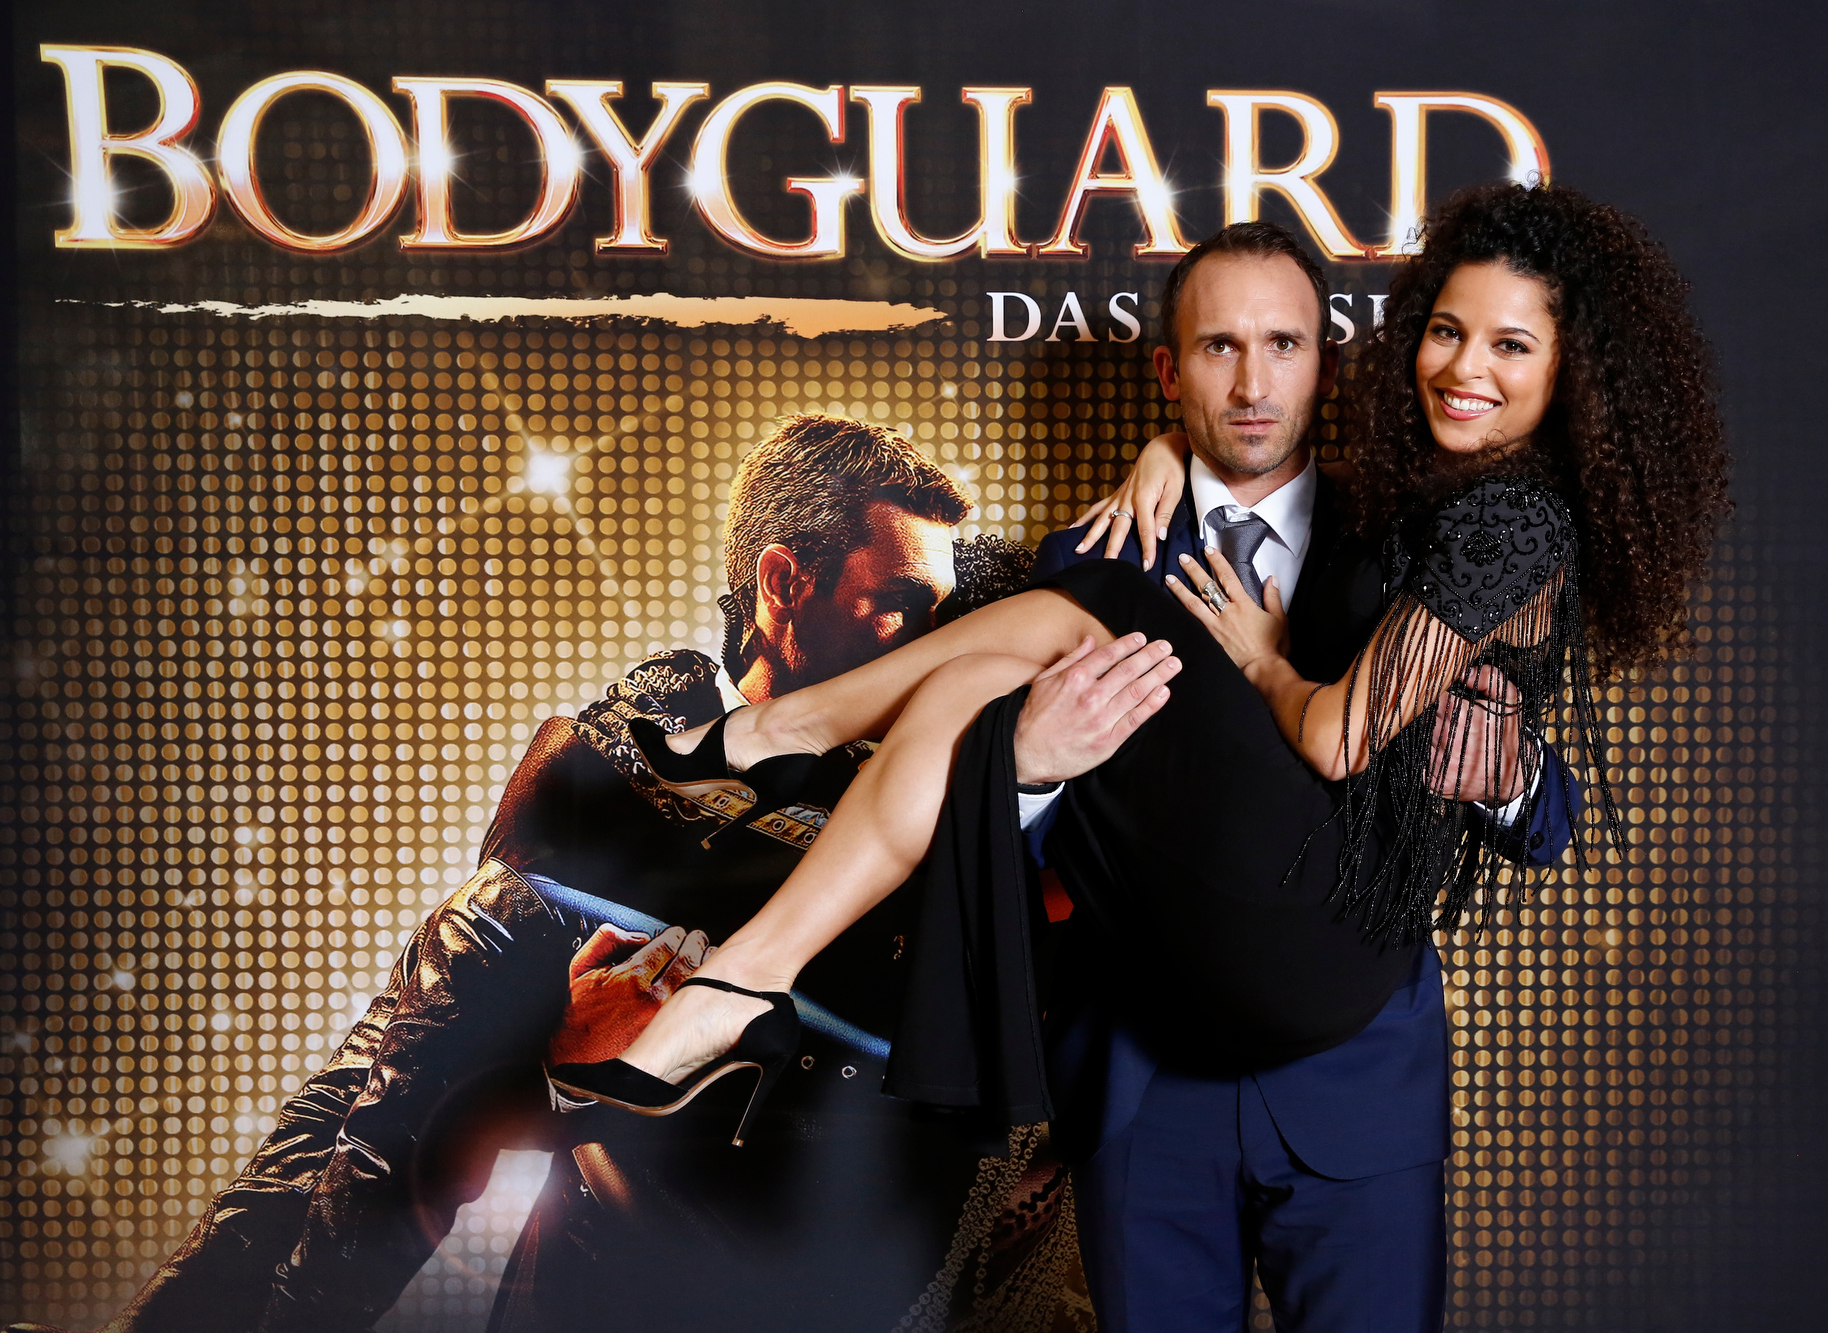 Bodyguard Besetzung